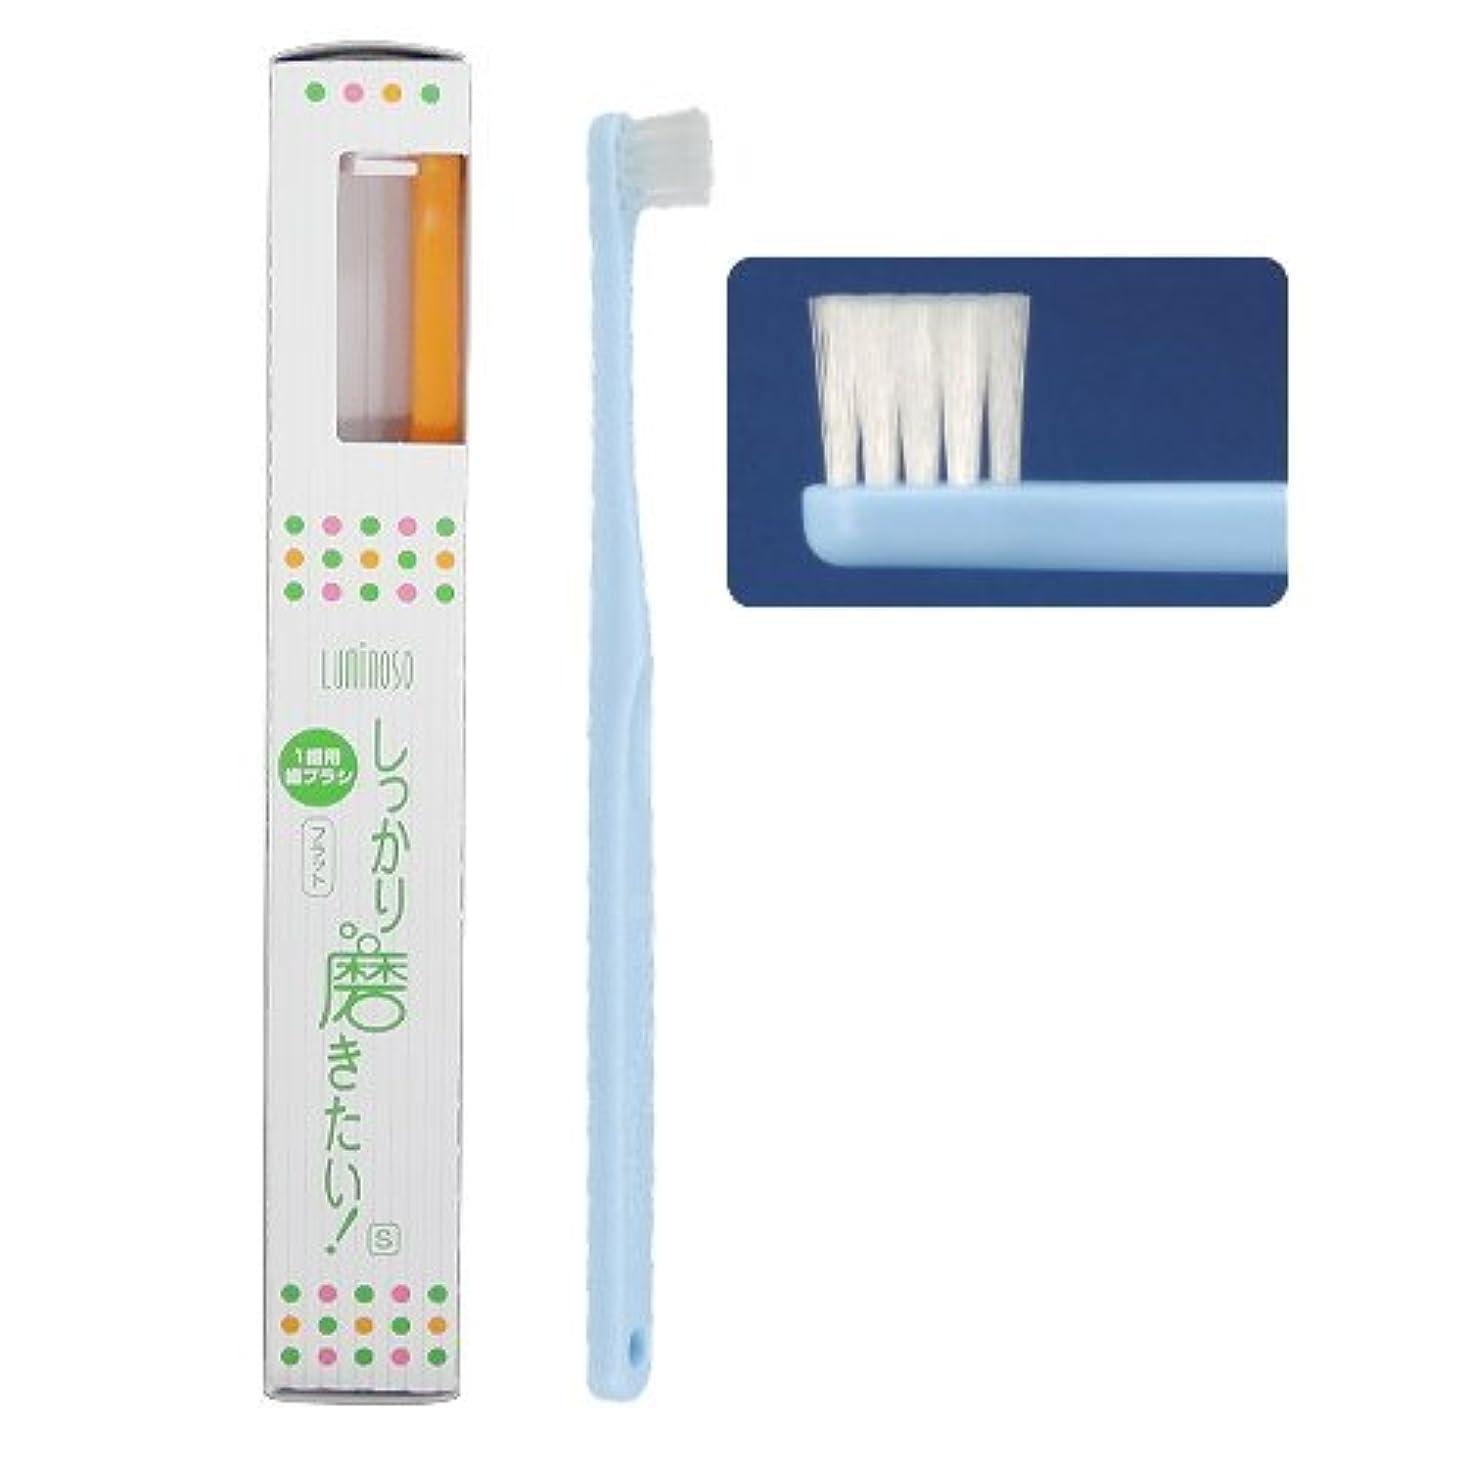 ひばりフライト慣性ルミノソ 1歯用歯ブラシ 「しっかり磨きたい!」 フラット ソフト (カラー指定不可) 10本